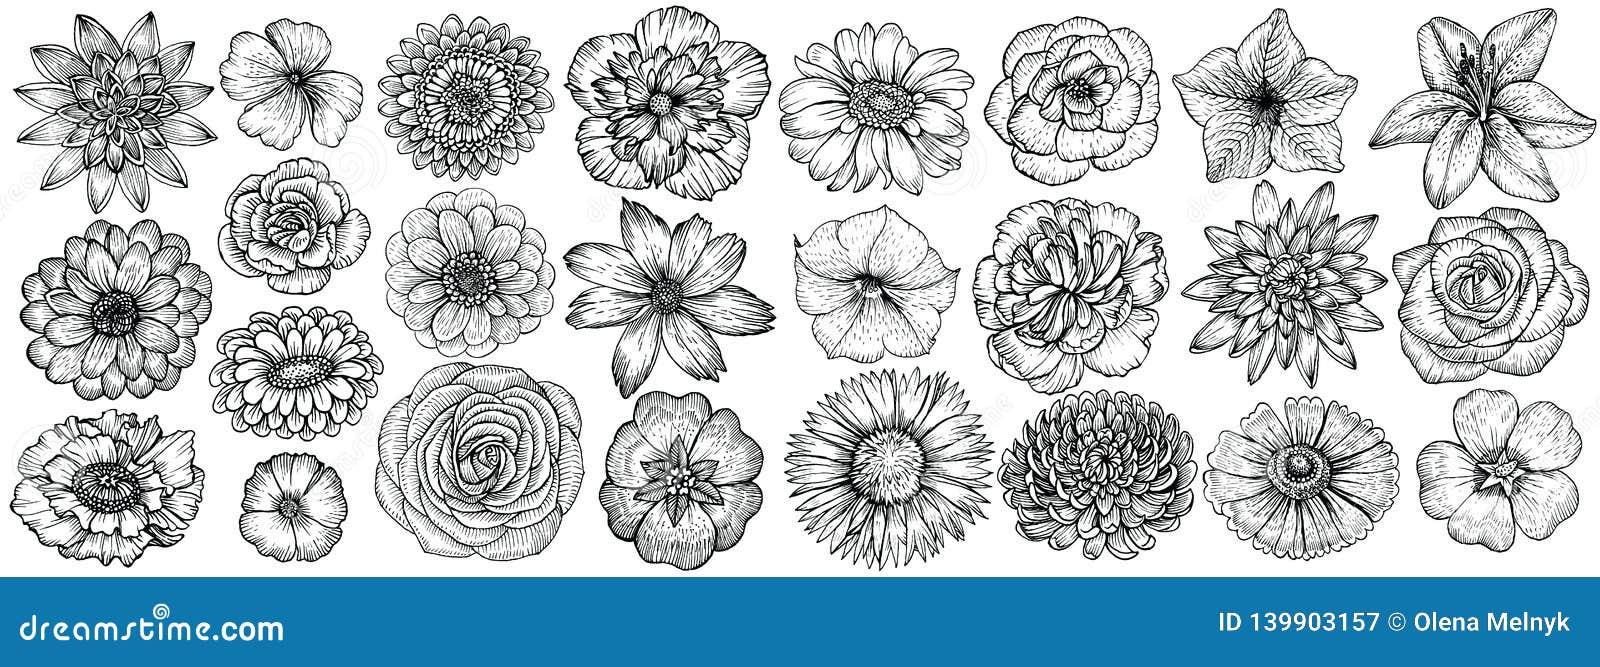 Hand getrokken bloemen, vectorillustratie Bloemen uitstekende schets